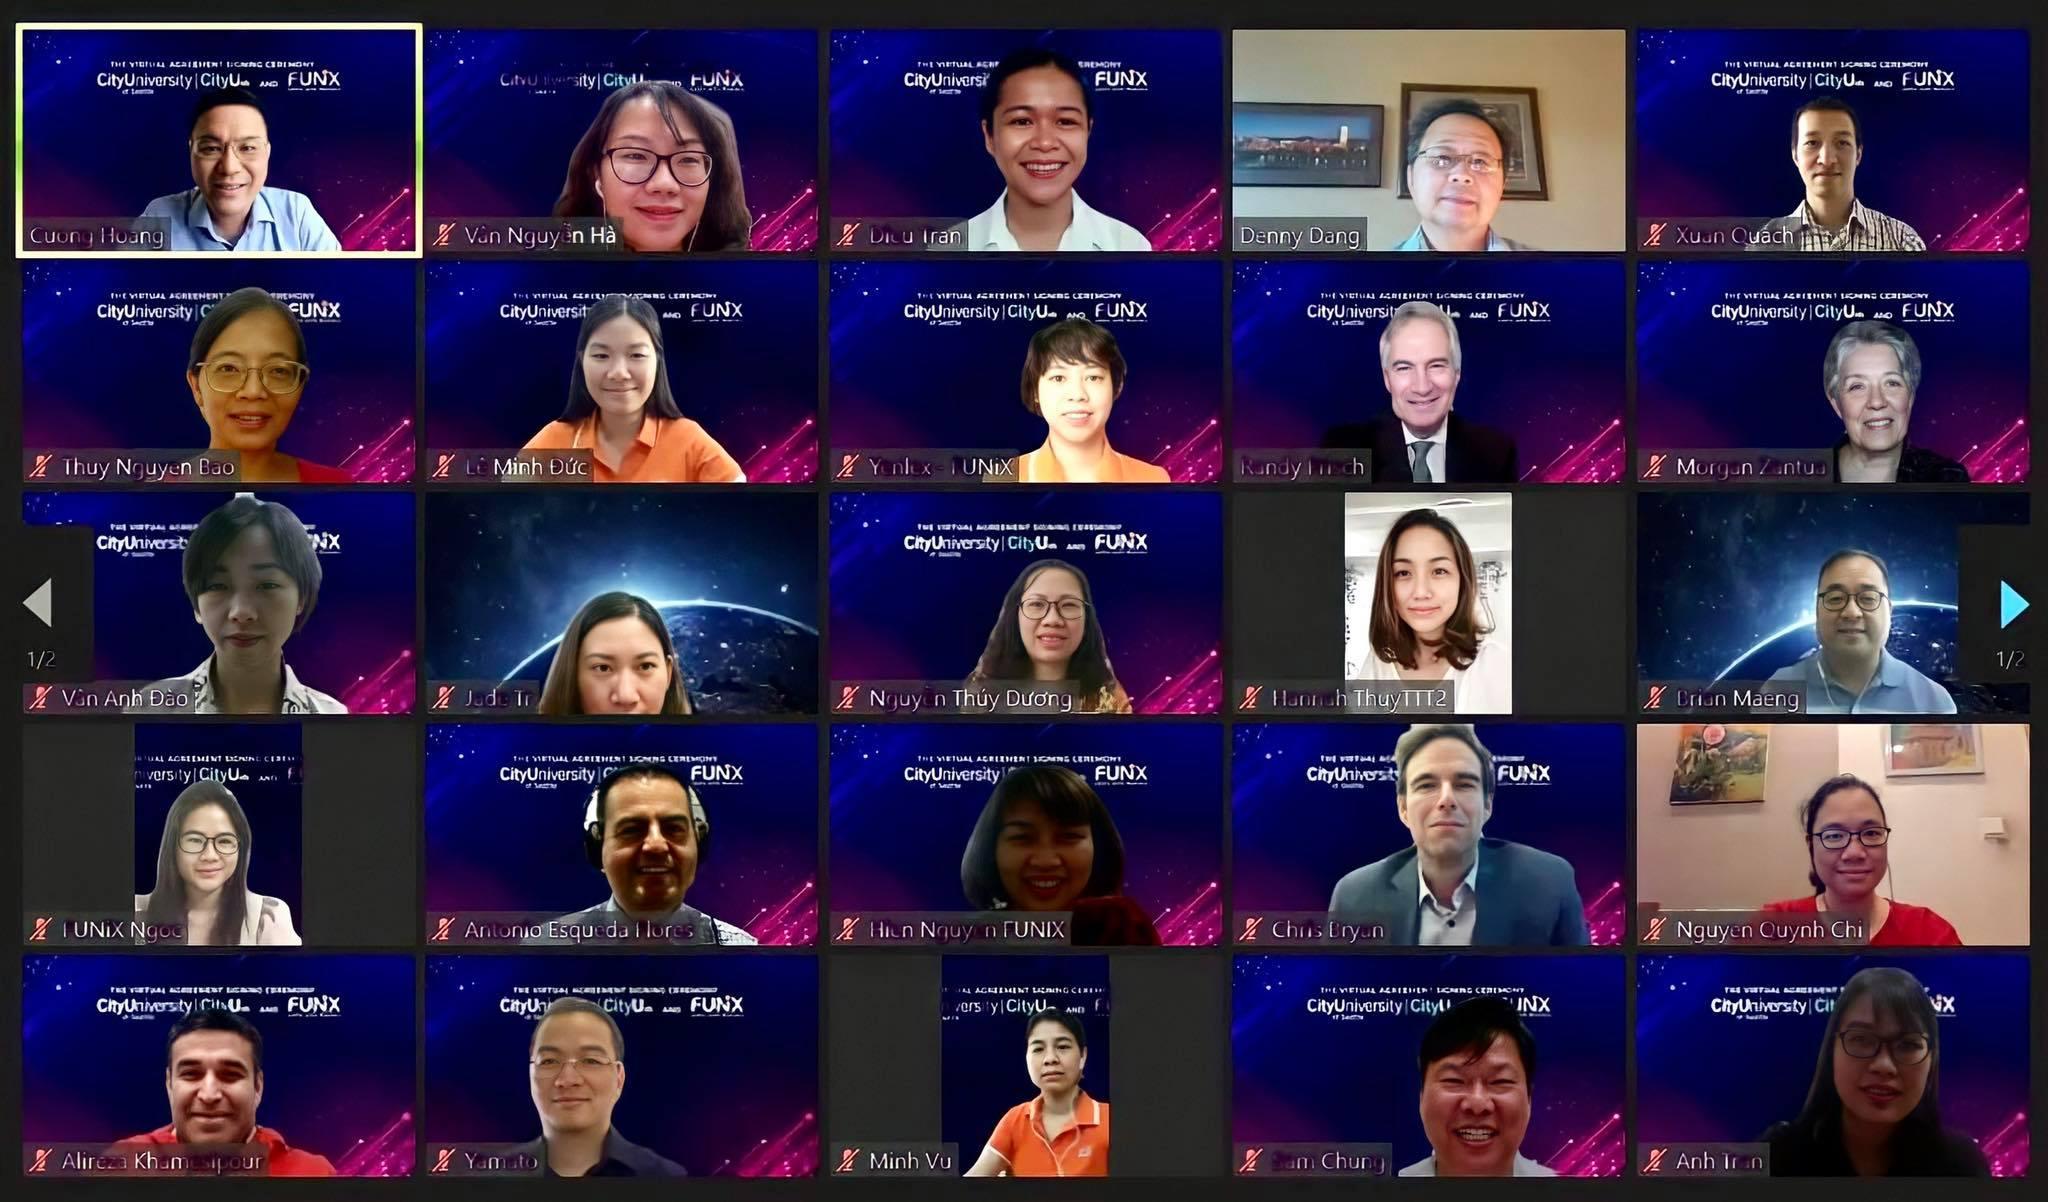 Chương trình hợp tác giữa CityU và FUNiX giúp học viên Việt Nam học tập và lấy bằng đại học Mỹ; linh hoạt, rút ngắn thời gian học với chi phí phù hợp. Ảnh: FUNiX